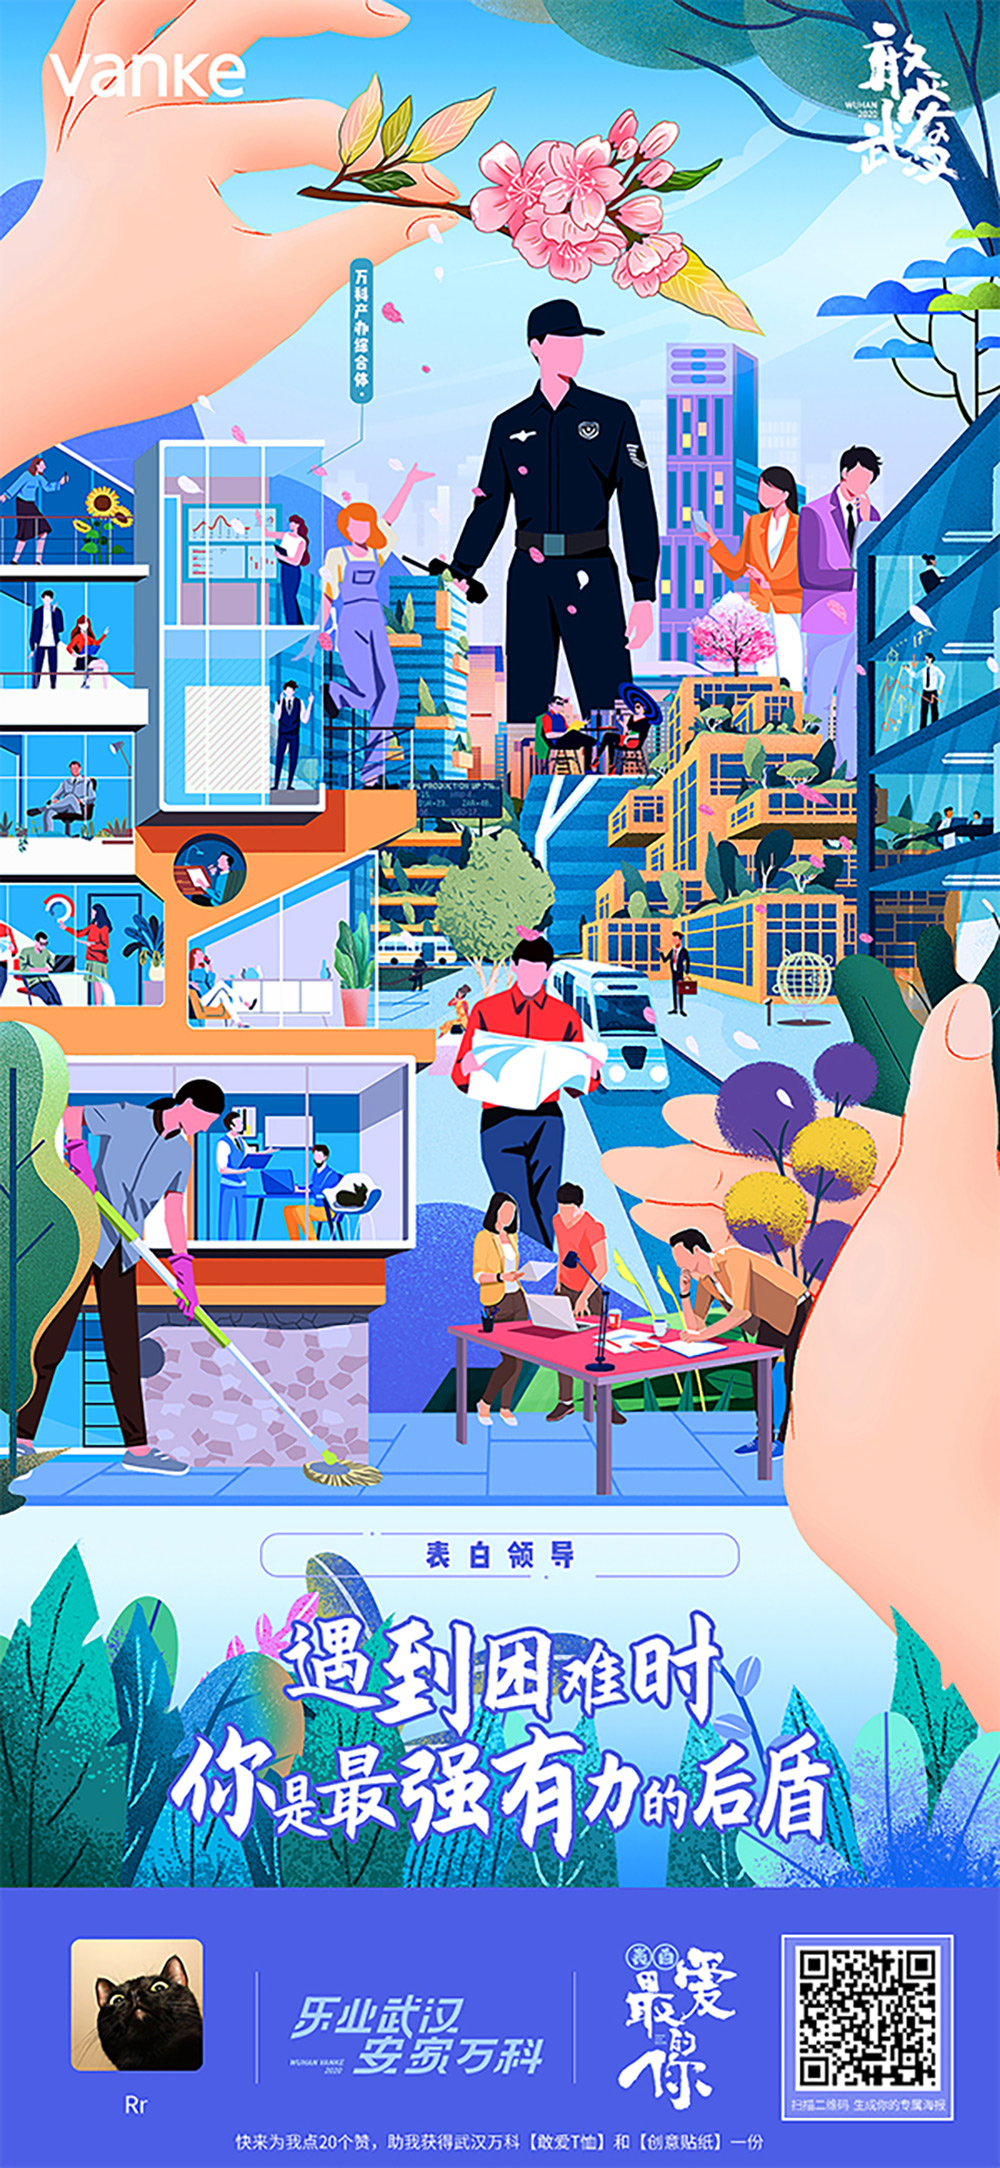 15张高饱和配色的插画营销海报